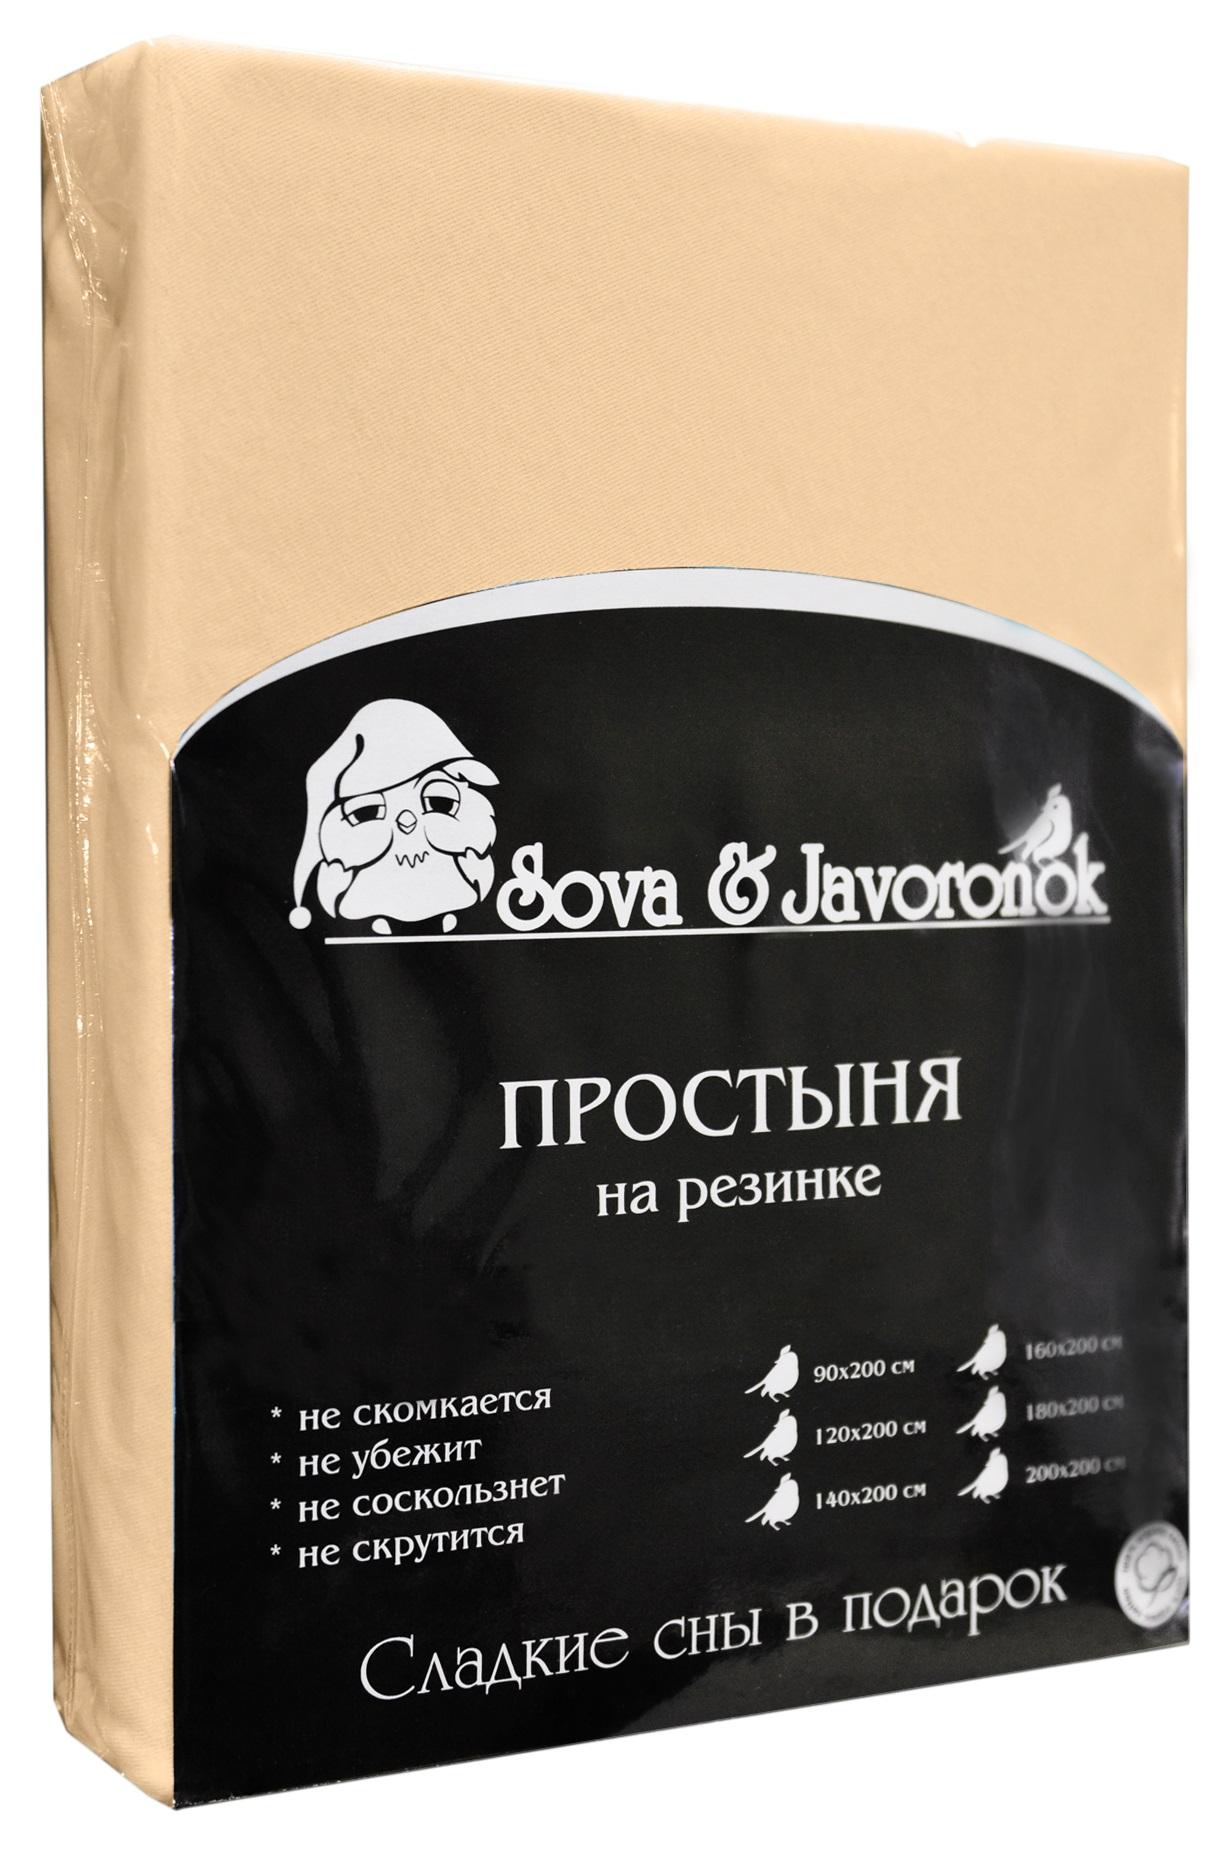 Простыня на резинке Sova & Javoronok, цвет: светло-бежевый, 90 х 200 смES-412Простыня на резинке Sova & Javoronok, изготовленная из трикотажной ткани (100% хлопок), будет превосходно смотреться с любыми комплектами белья. Хлопчатобумажный трикотаж по праву считается одним из самых качественных, прочных и при этом приятных на ощупь. Его гигиеничность позволяет использовать простыню и в детских комнатах, к тому же 100%-ый хлопок в составе ткани не вызовет аллергии. У трикотажного полотна очень интересная структура, немного рыхлая за счет отсутствия плотного переплетения нитей и наличия особых петель, благодаря этому простыня Сова и Жаворонок отлично пропускает воздух и способствует его постоянной циркуляции. Поэтому ваша постель будет всегда оставаться свежей. Но главное и, пожалуй, самое известное свойство трикотажа - это его великолепная растяжимость, поэтому эта ткань и была выбрана для натяжной простыни на резинке.Простыня прошита резинкой по всему периметру, что обеспечивает более комфортный отдых, так как она прочно удерживается на матрасе и избавляет от необходимости часто поправлять простыню.